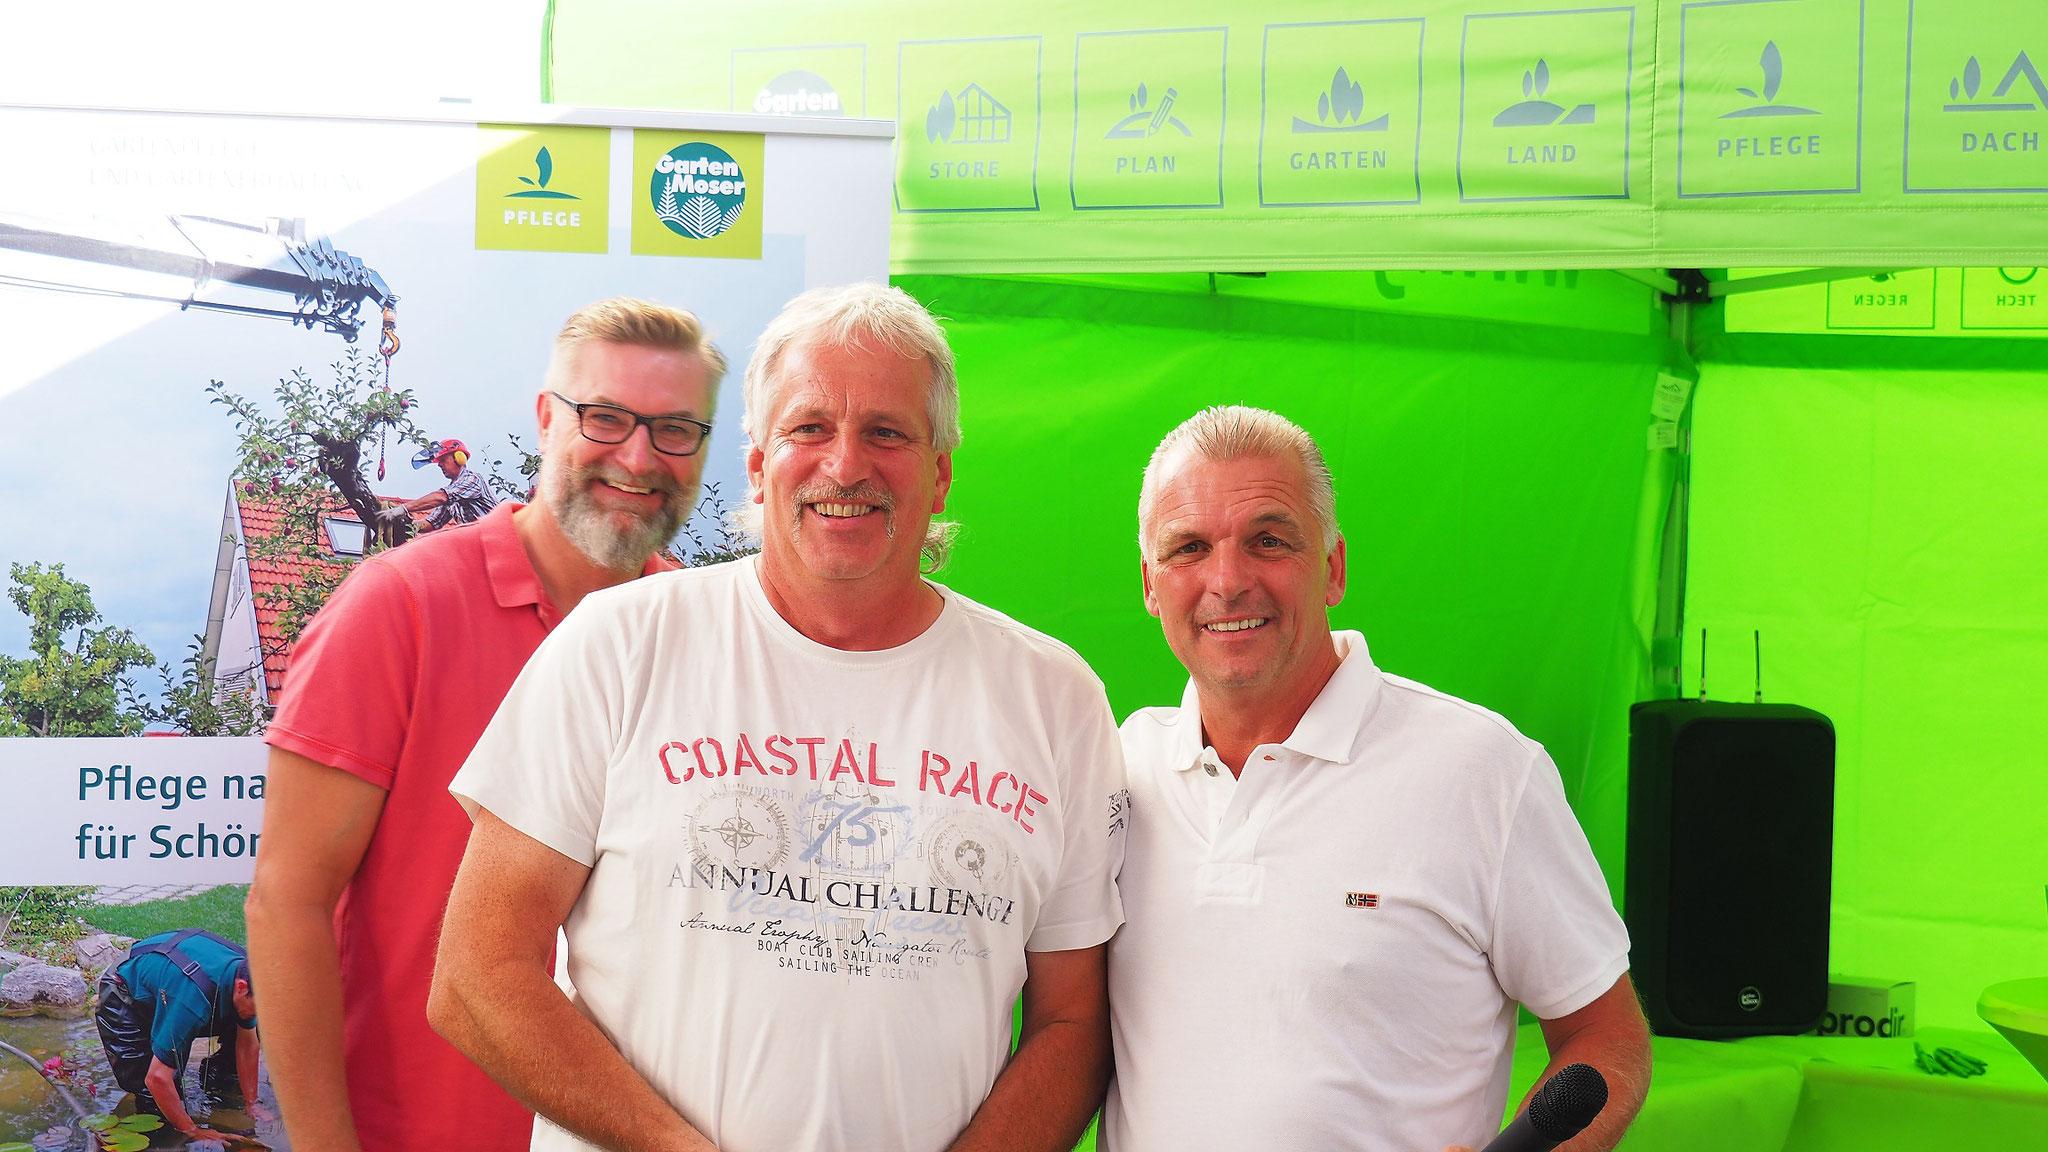 Der Sieger beim Schnupperkurs-Puttwettbewerb wurde per Los ermittelt. Gewonnen hat Peter Jöcks, eingerahmt von Spielführer Michael Reiher (links) und Rainer Wagner.